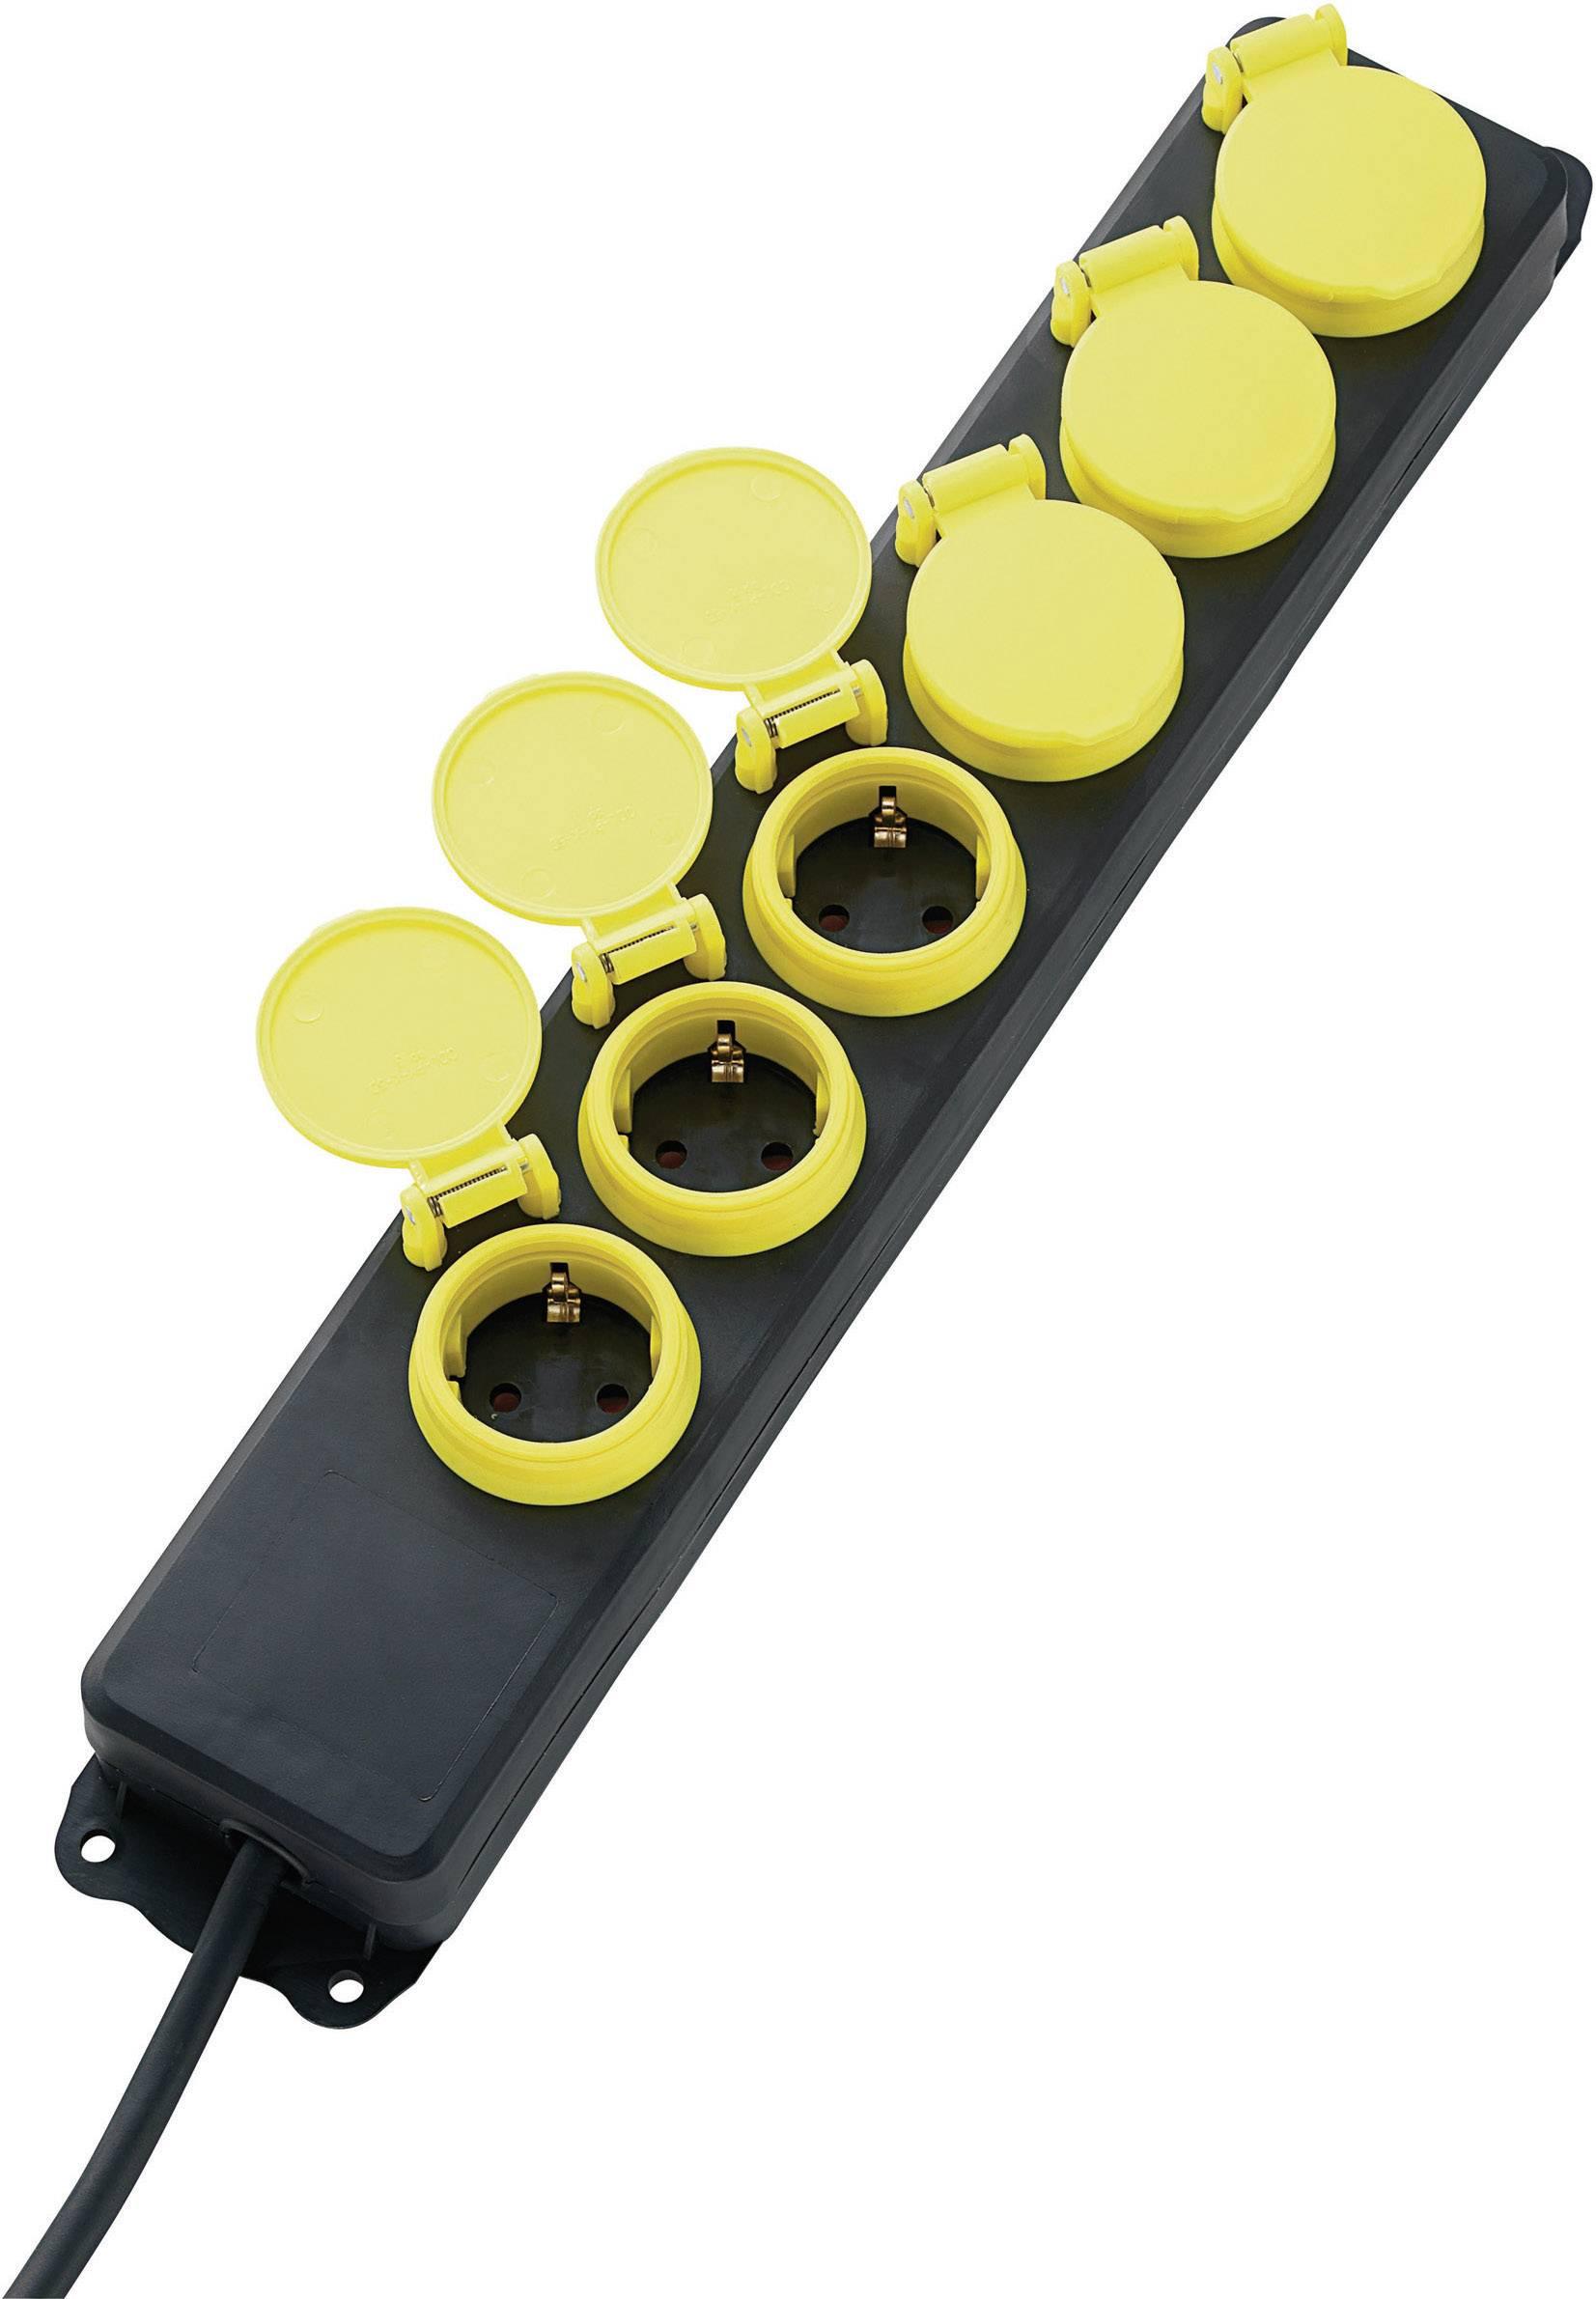 Zásuvková lišta, počet zásuviek 6 622335, 1.50 m, čierna, žltá